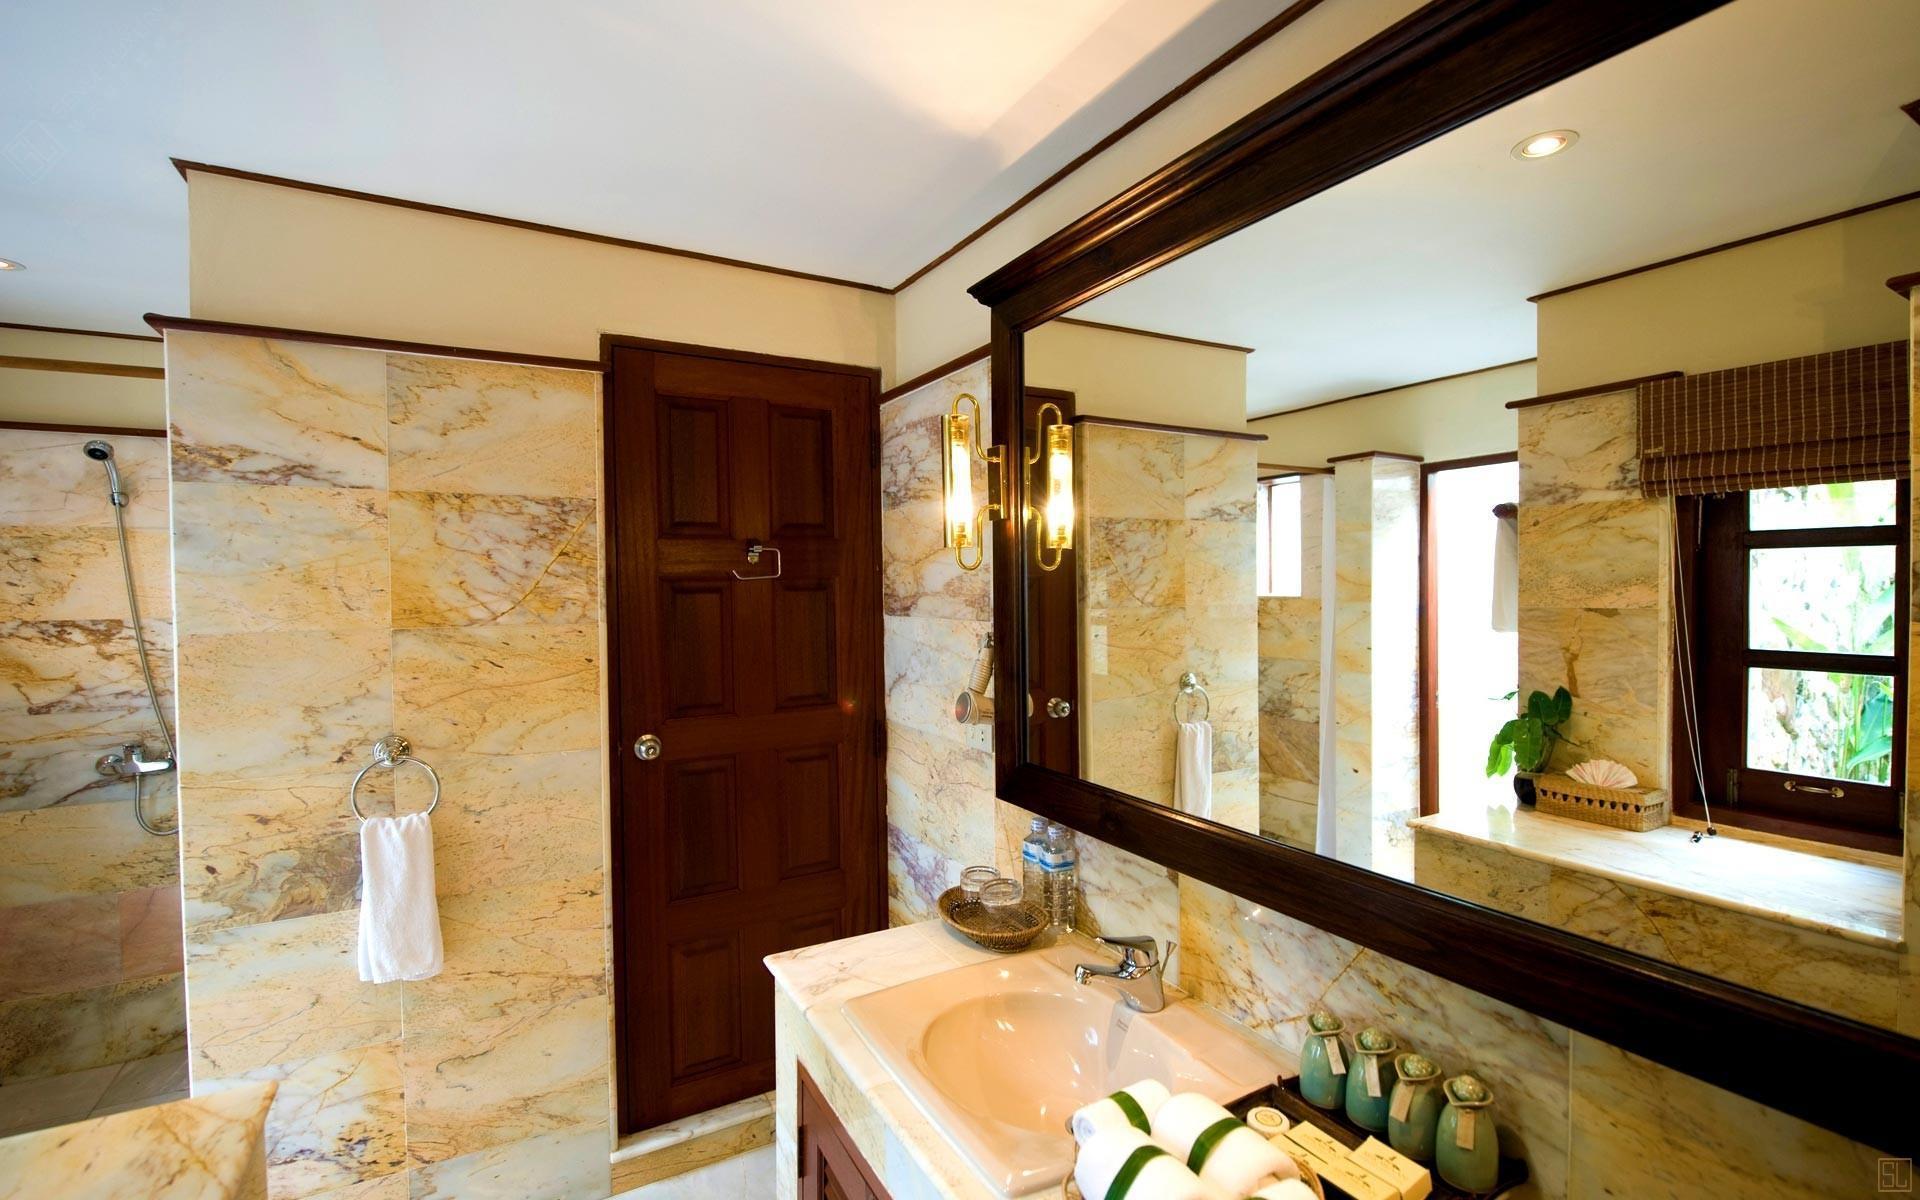 泰国苏梅岛密斯卡湾罗望子别墅浴室